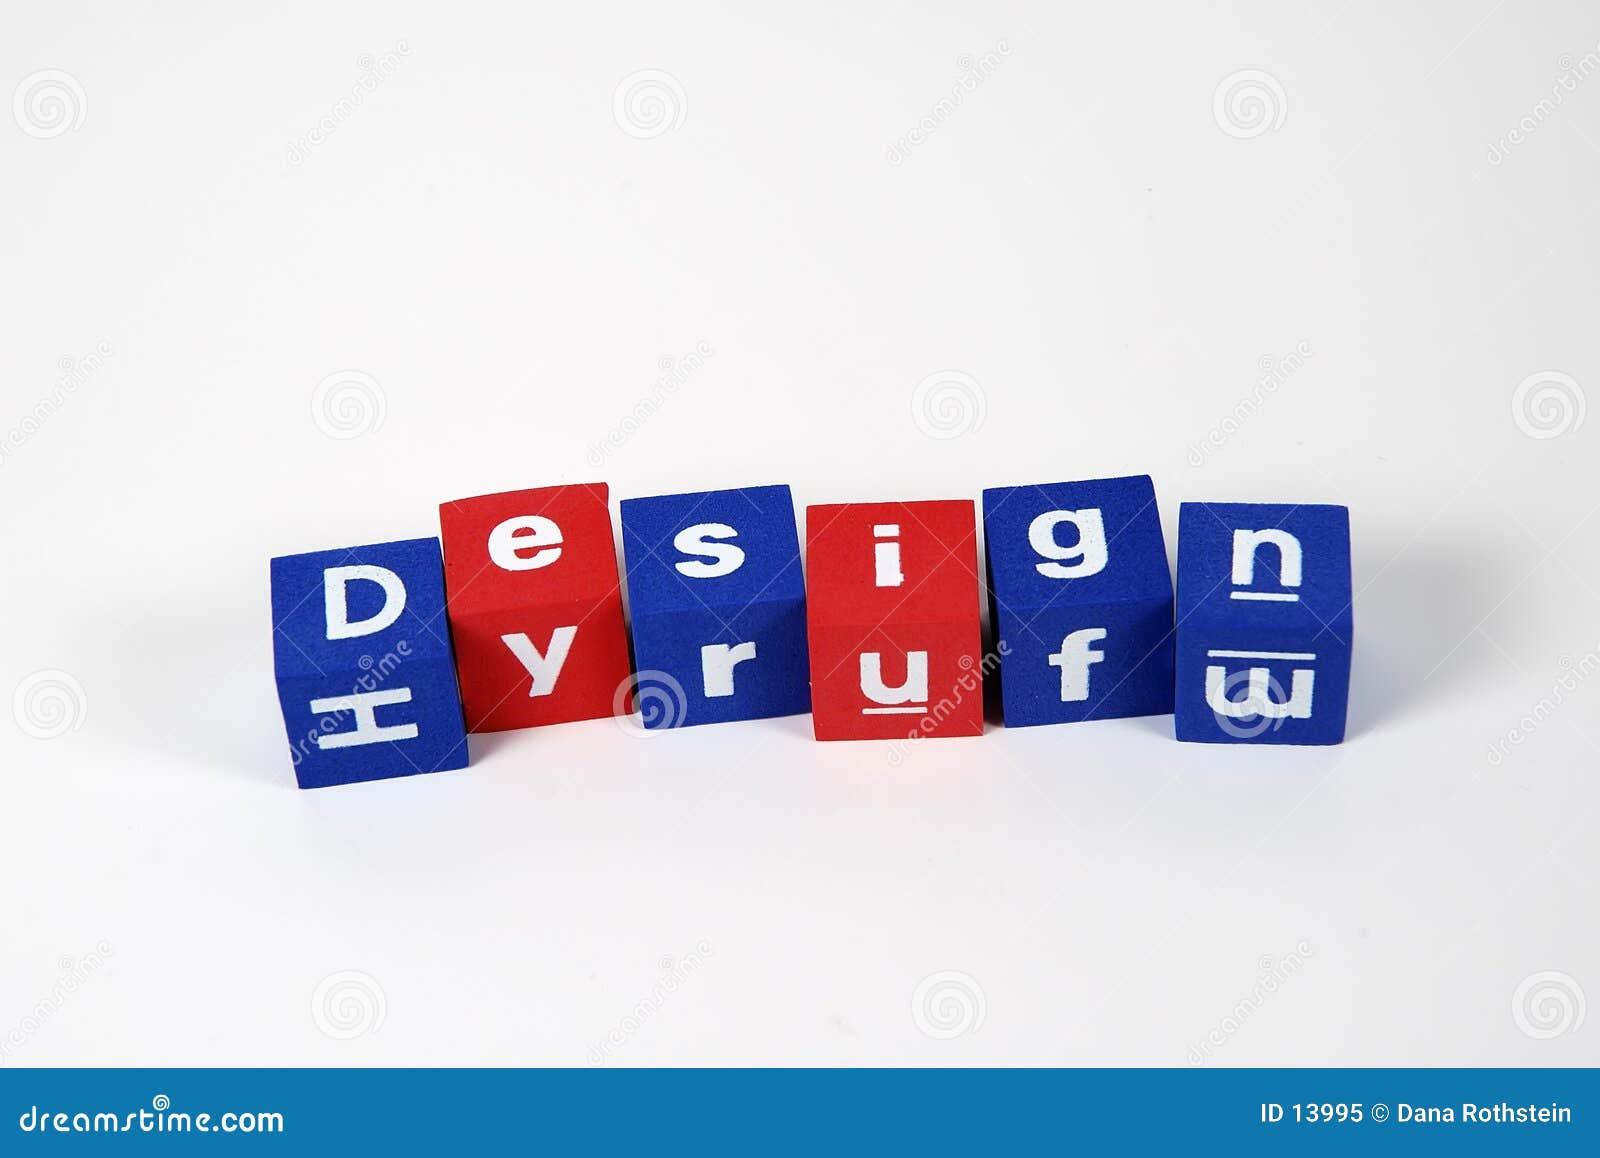 Diseño deletreado de bloques